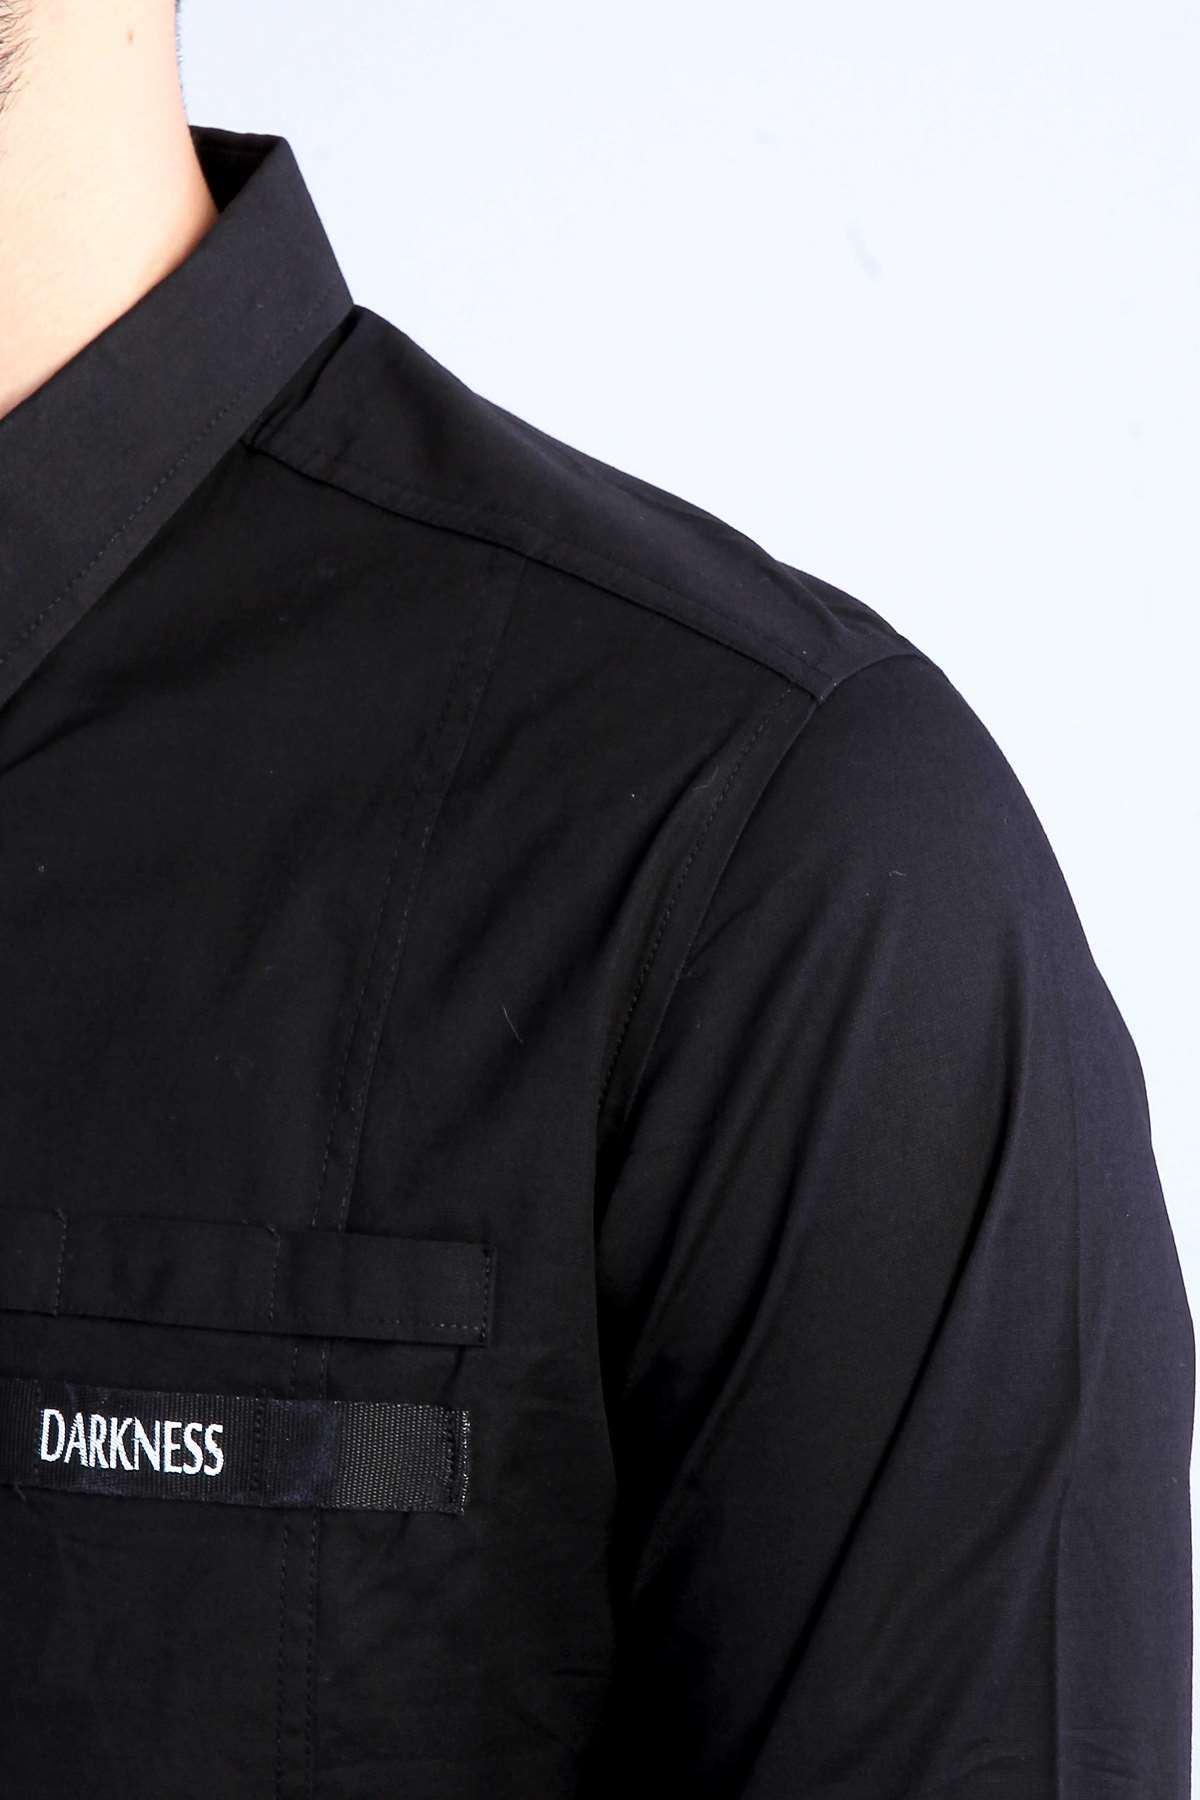 Önü Şeritli Darkness Yazılı Parlak Kumaş Slim Fit Gömlek Siyah